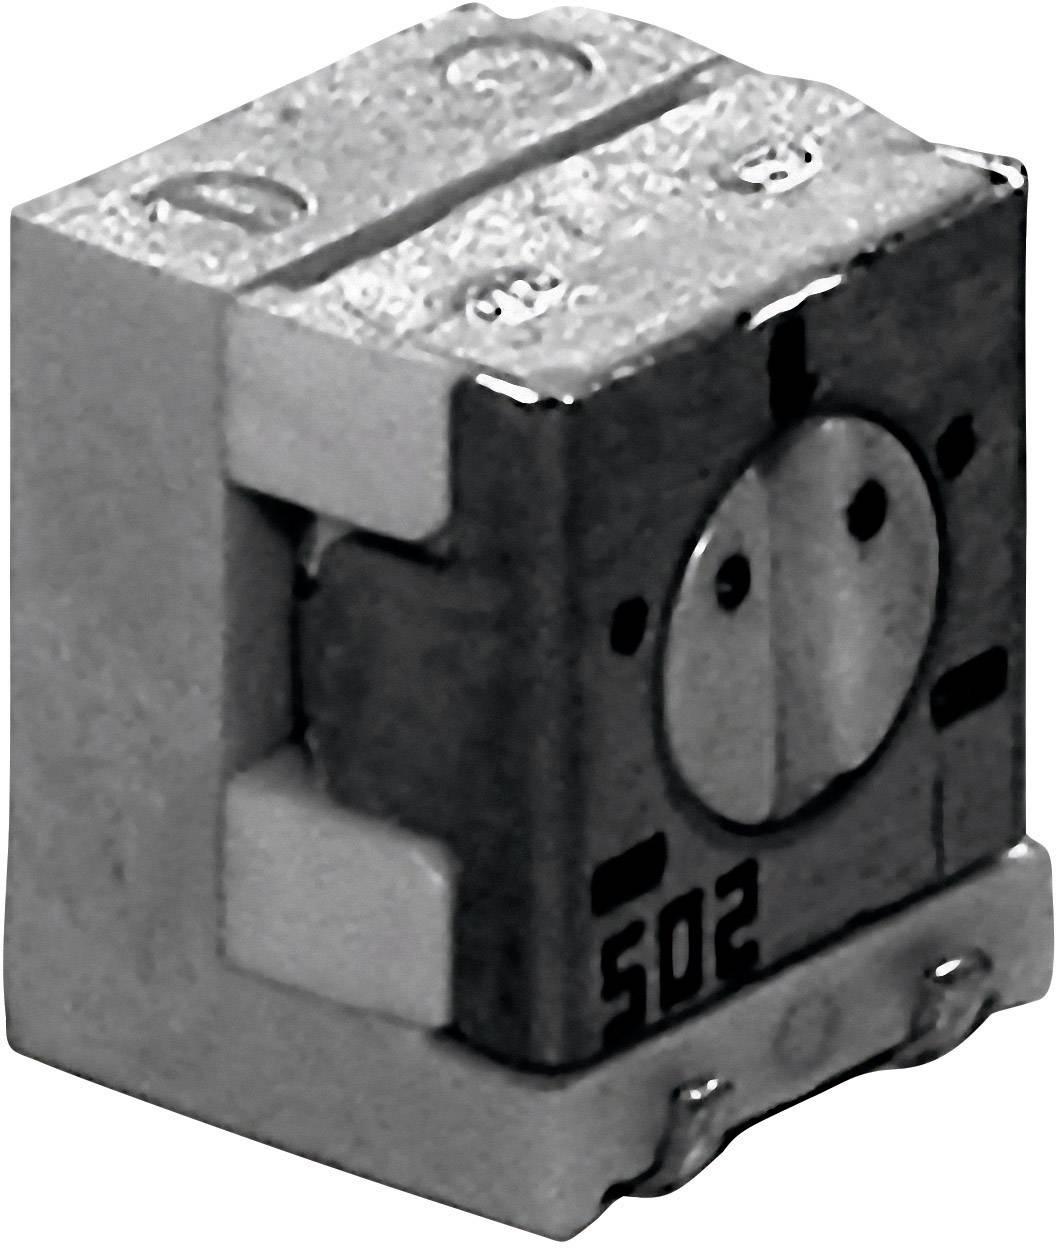 SMD trimr cermet TT Electro, ovl. boční, HC04, 2800587060, 500 Ω, 0,25 W, ± 20 %